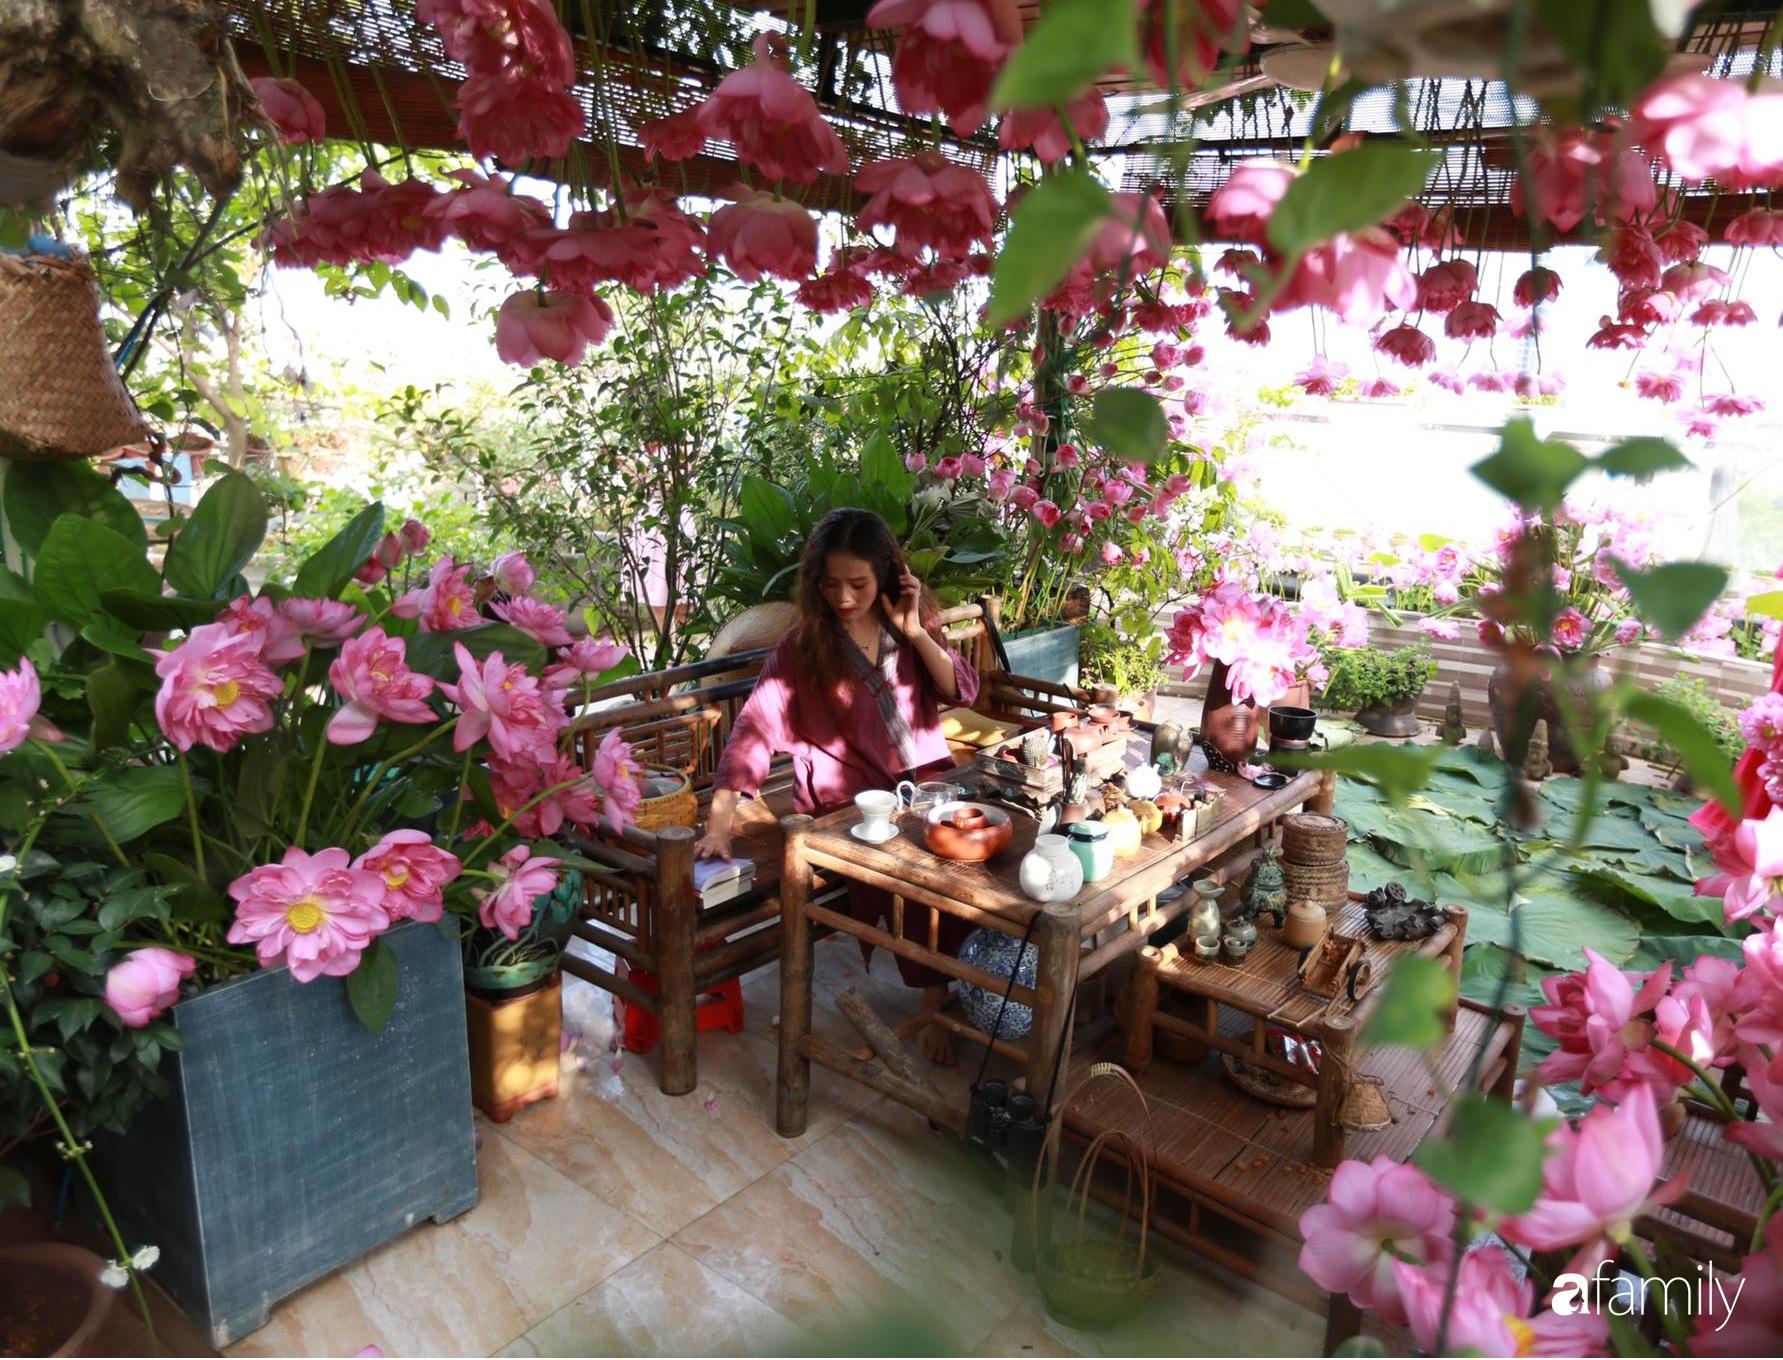 Bà mẹ Hà Nội tỉ mẩn dành 4 tiếng để tự cắm 1000 bông sen mang sắc màu mùa hạ lên sân thượng 200m² - Ảnh 5.